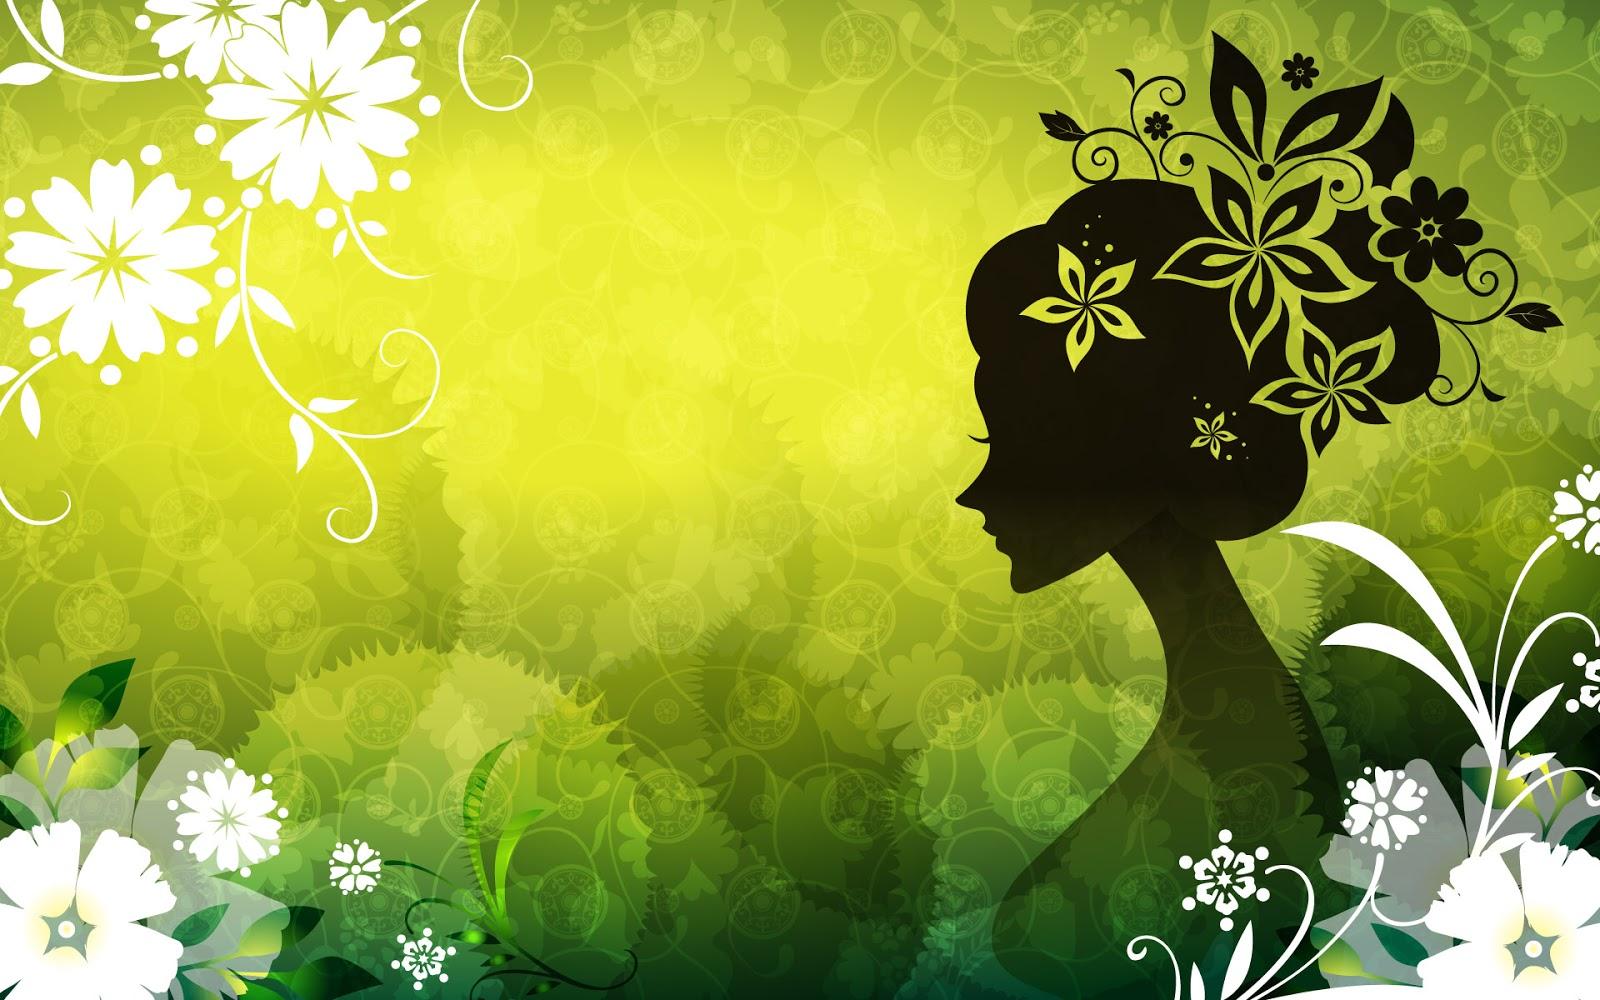 http://1.bp.blogspot.com/-l0YoqaP7IEM/UTHMQDLSjqI/AAAAAAAAE-0/XohqB2S8gUk/s1600/green-vector-beauty-wallpaper.jpg